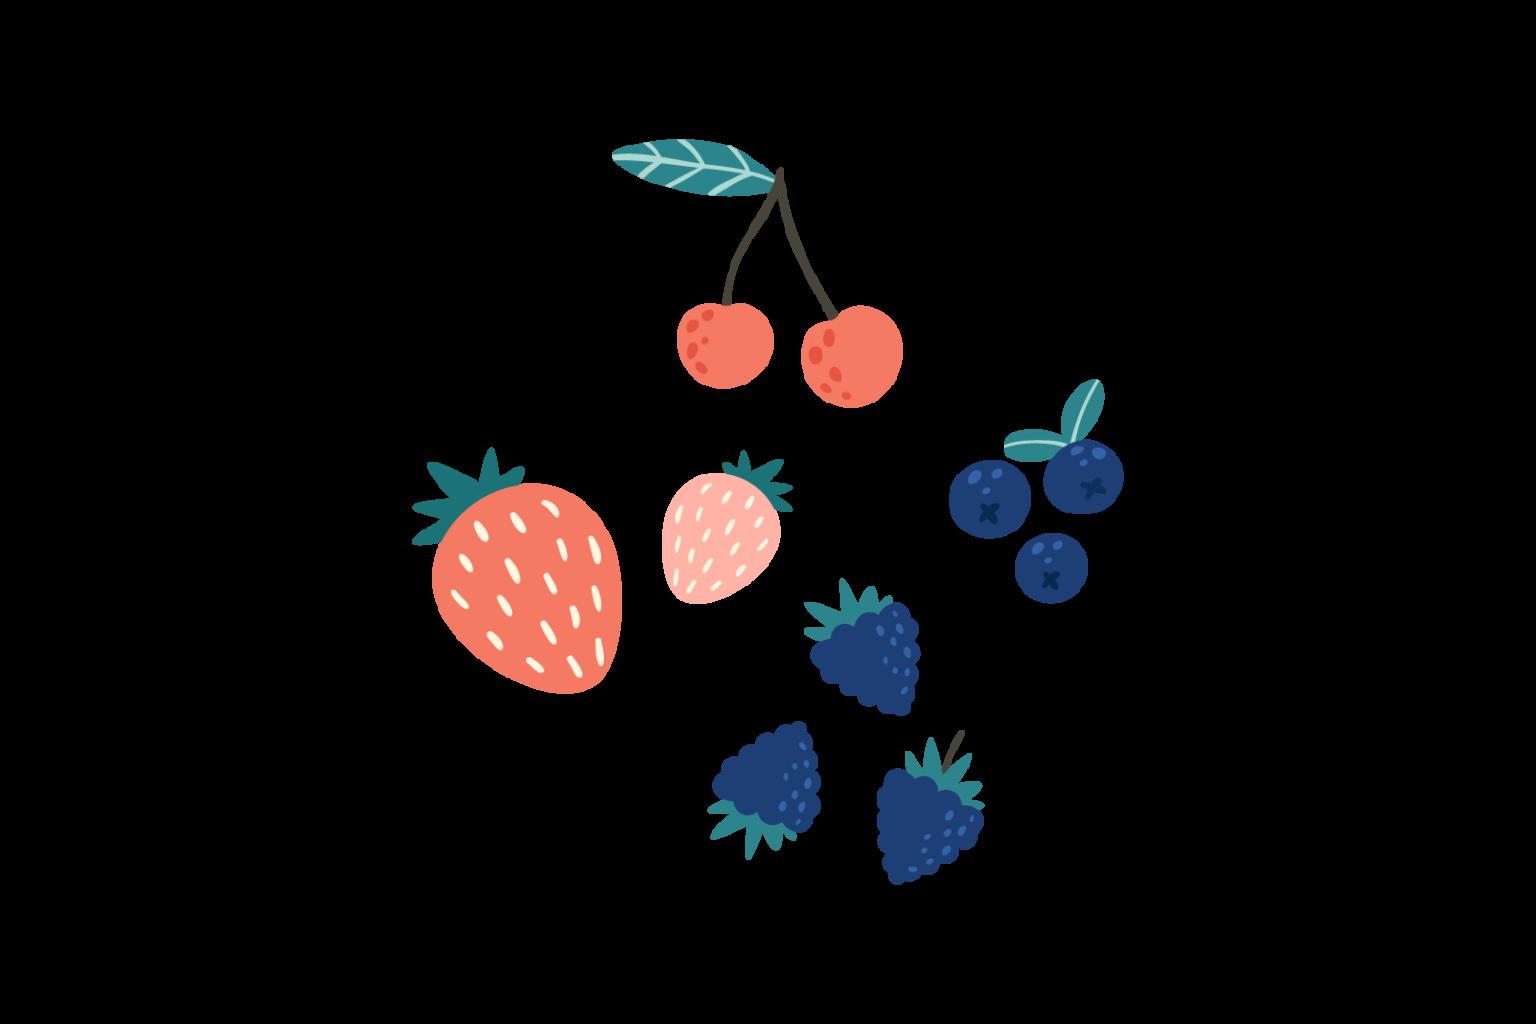 Illustration of fresh berries